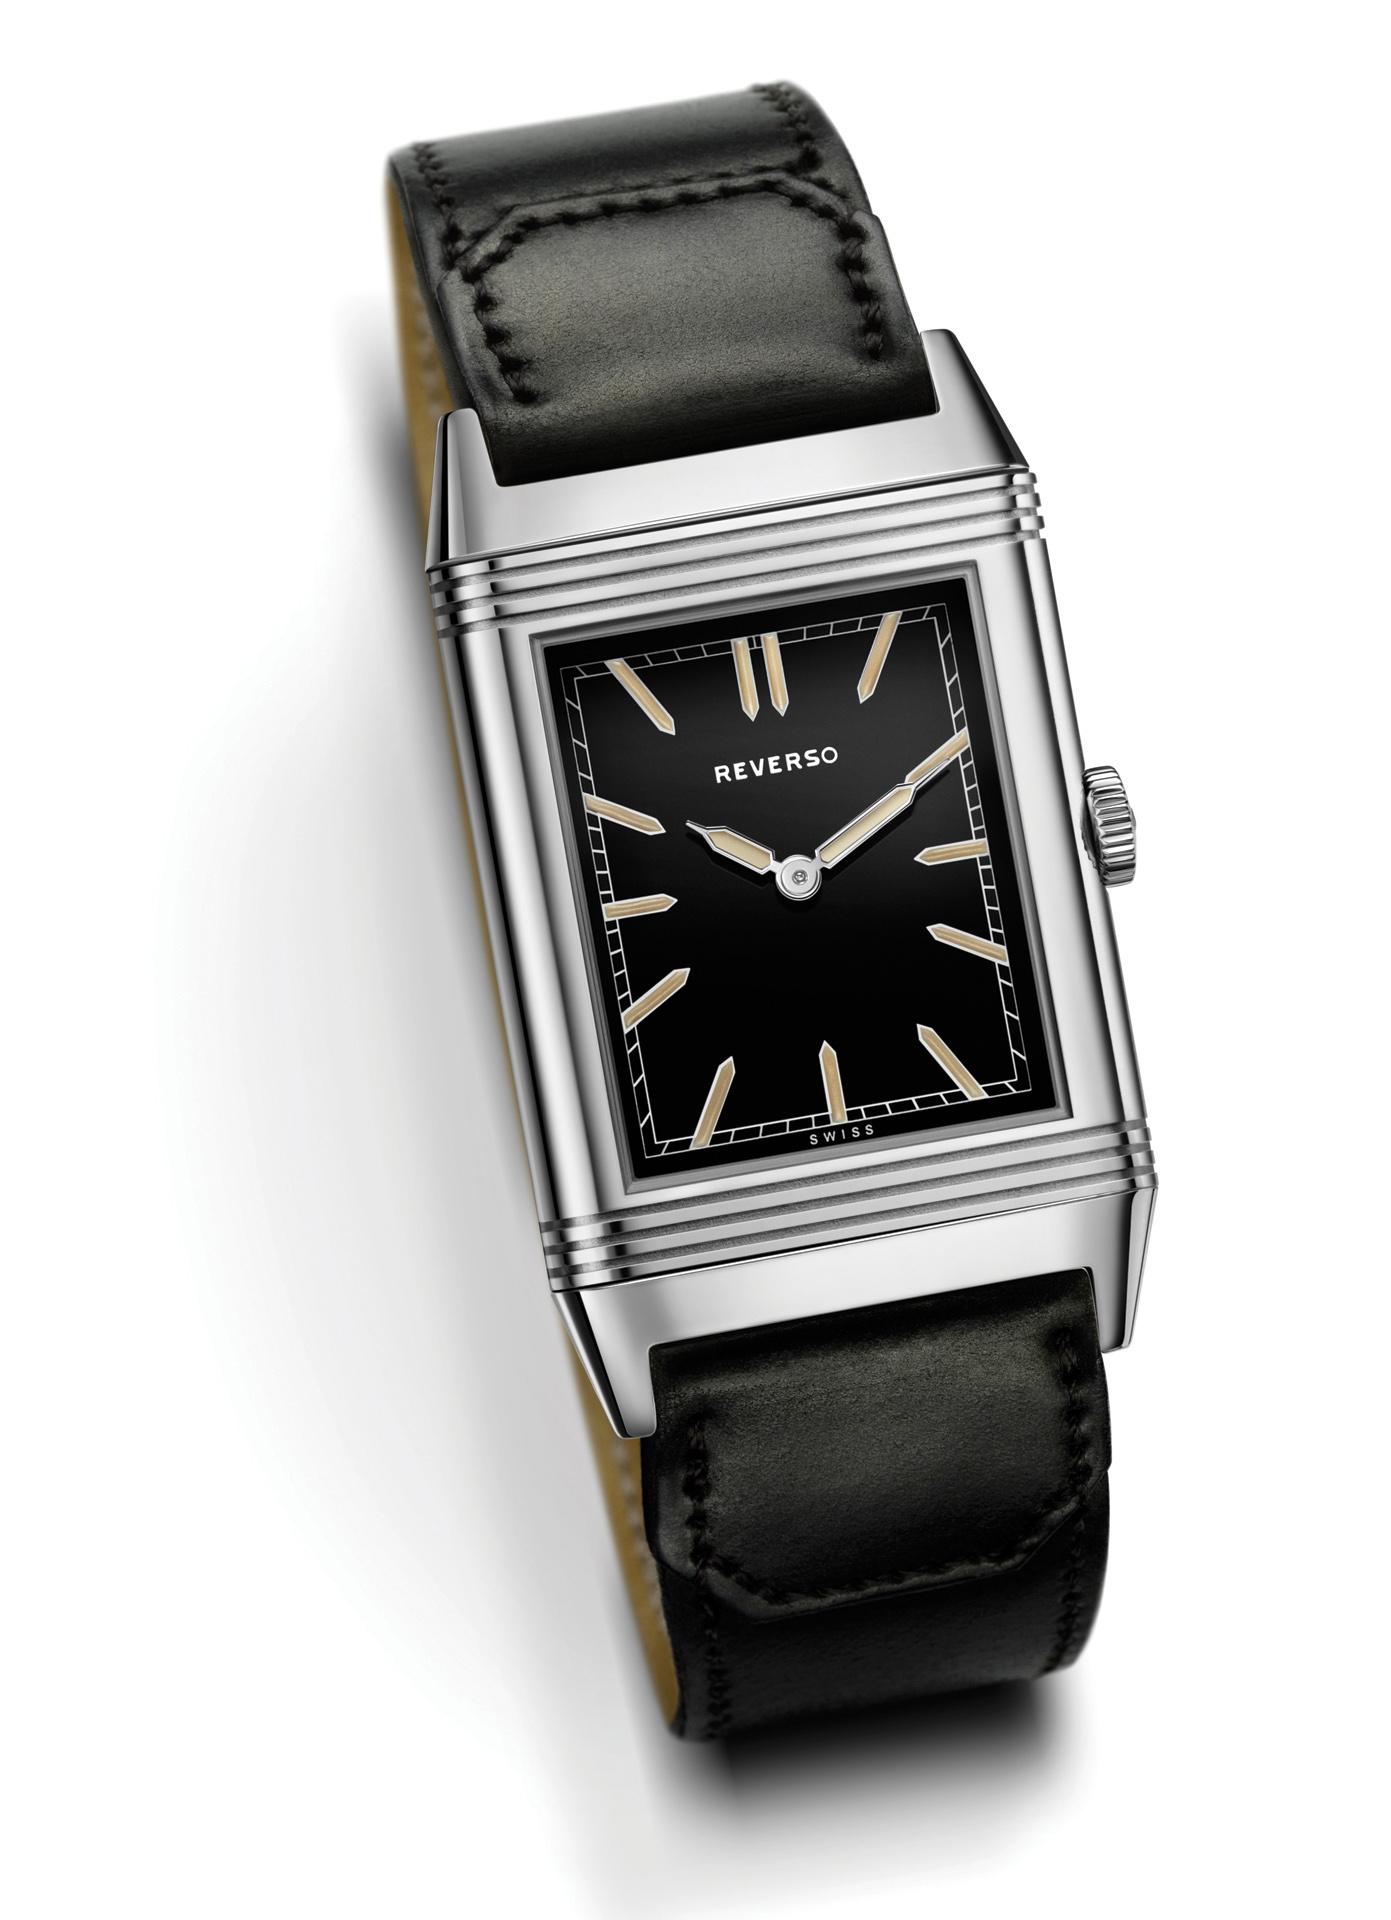 Présentation Reverso Tribute 1931 - Boutique JLC Paris 2456jlca